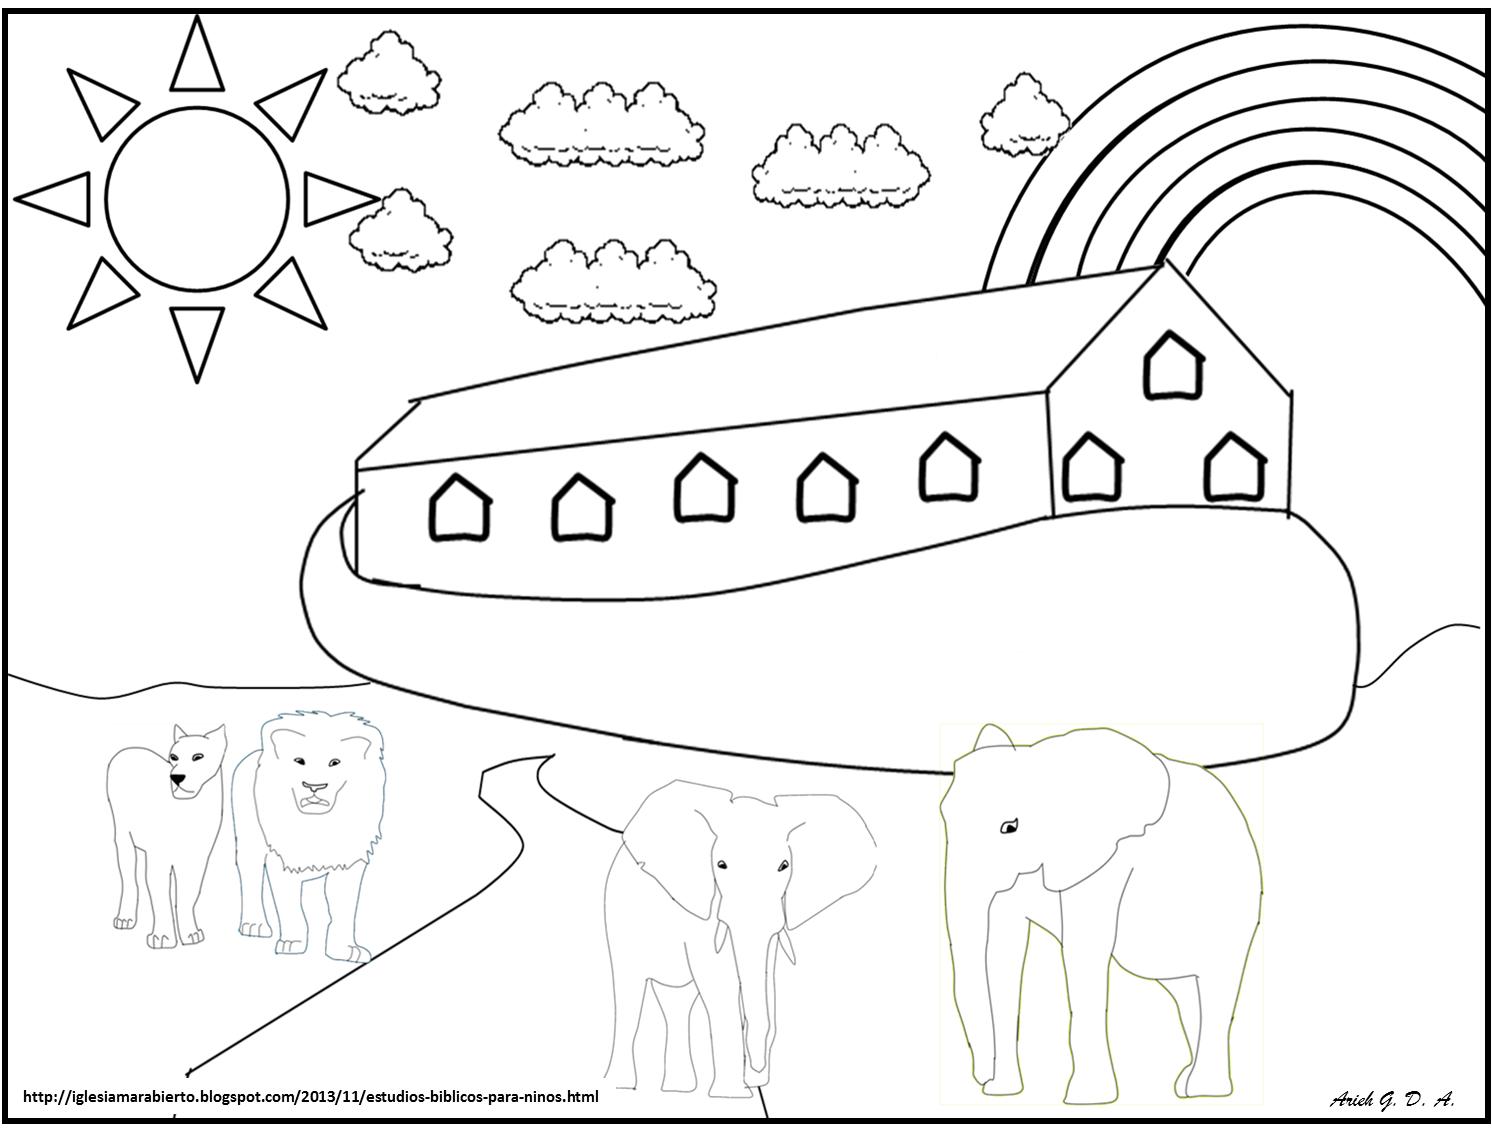 Dibujos Para Colorear Del Arca De Noe Para Imprimir: IGLESIA MAR ABIERTO: ESTUDIO BÍBLICO PARA NIÑOS (EL ARCA